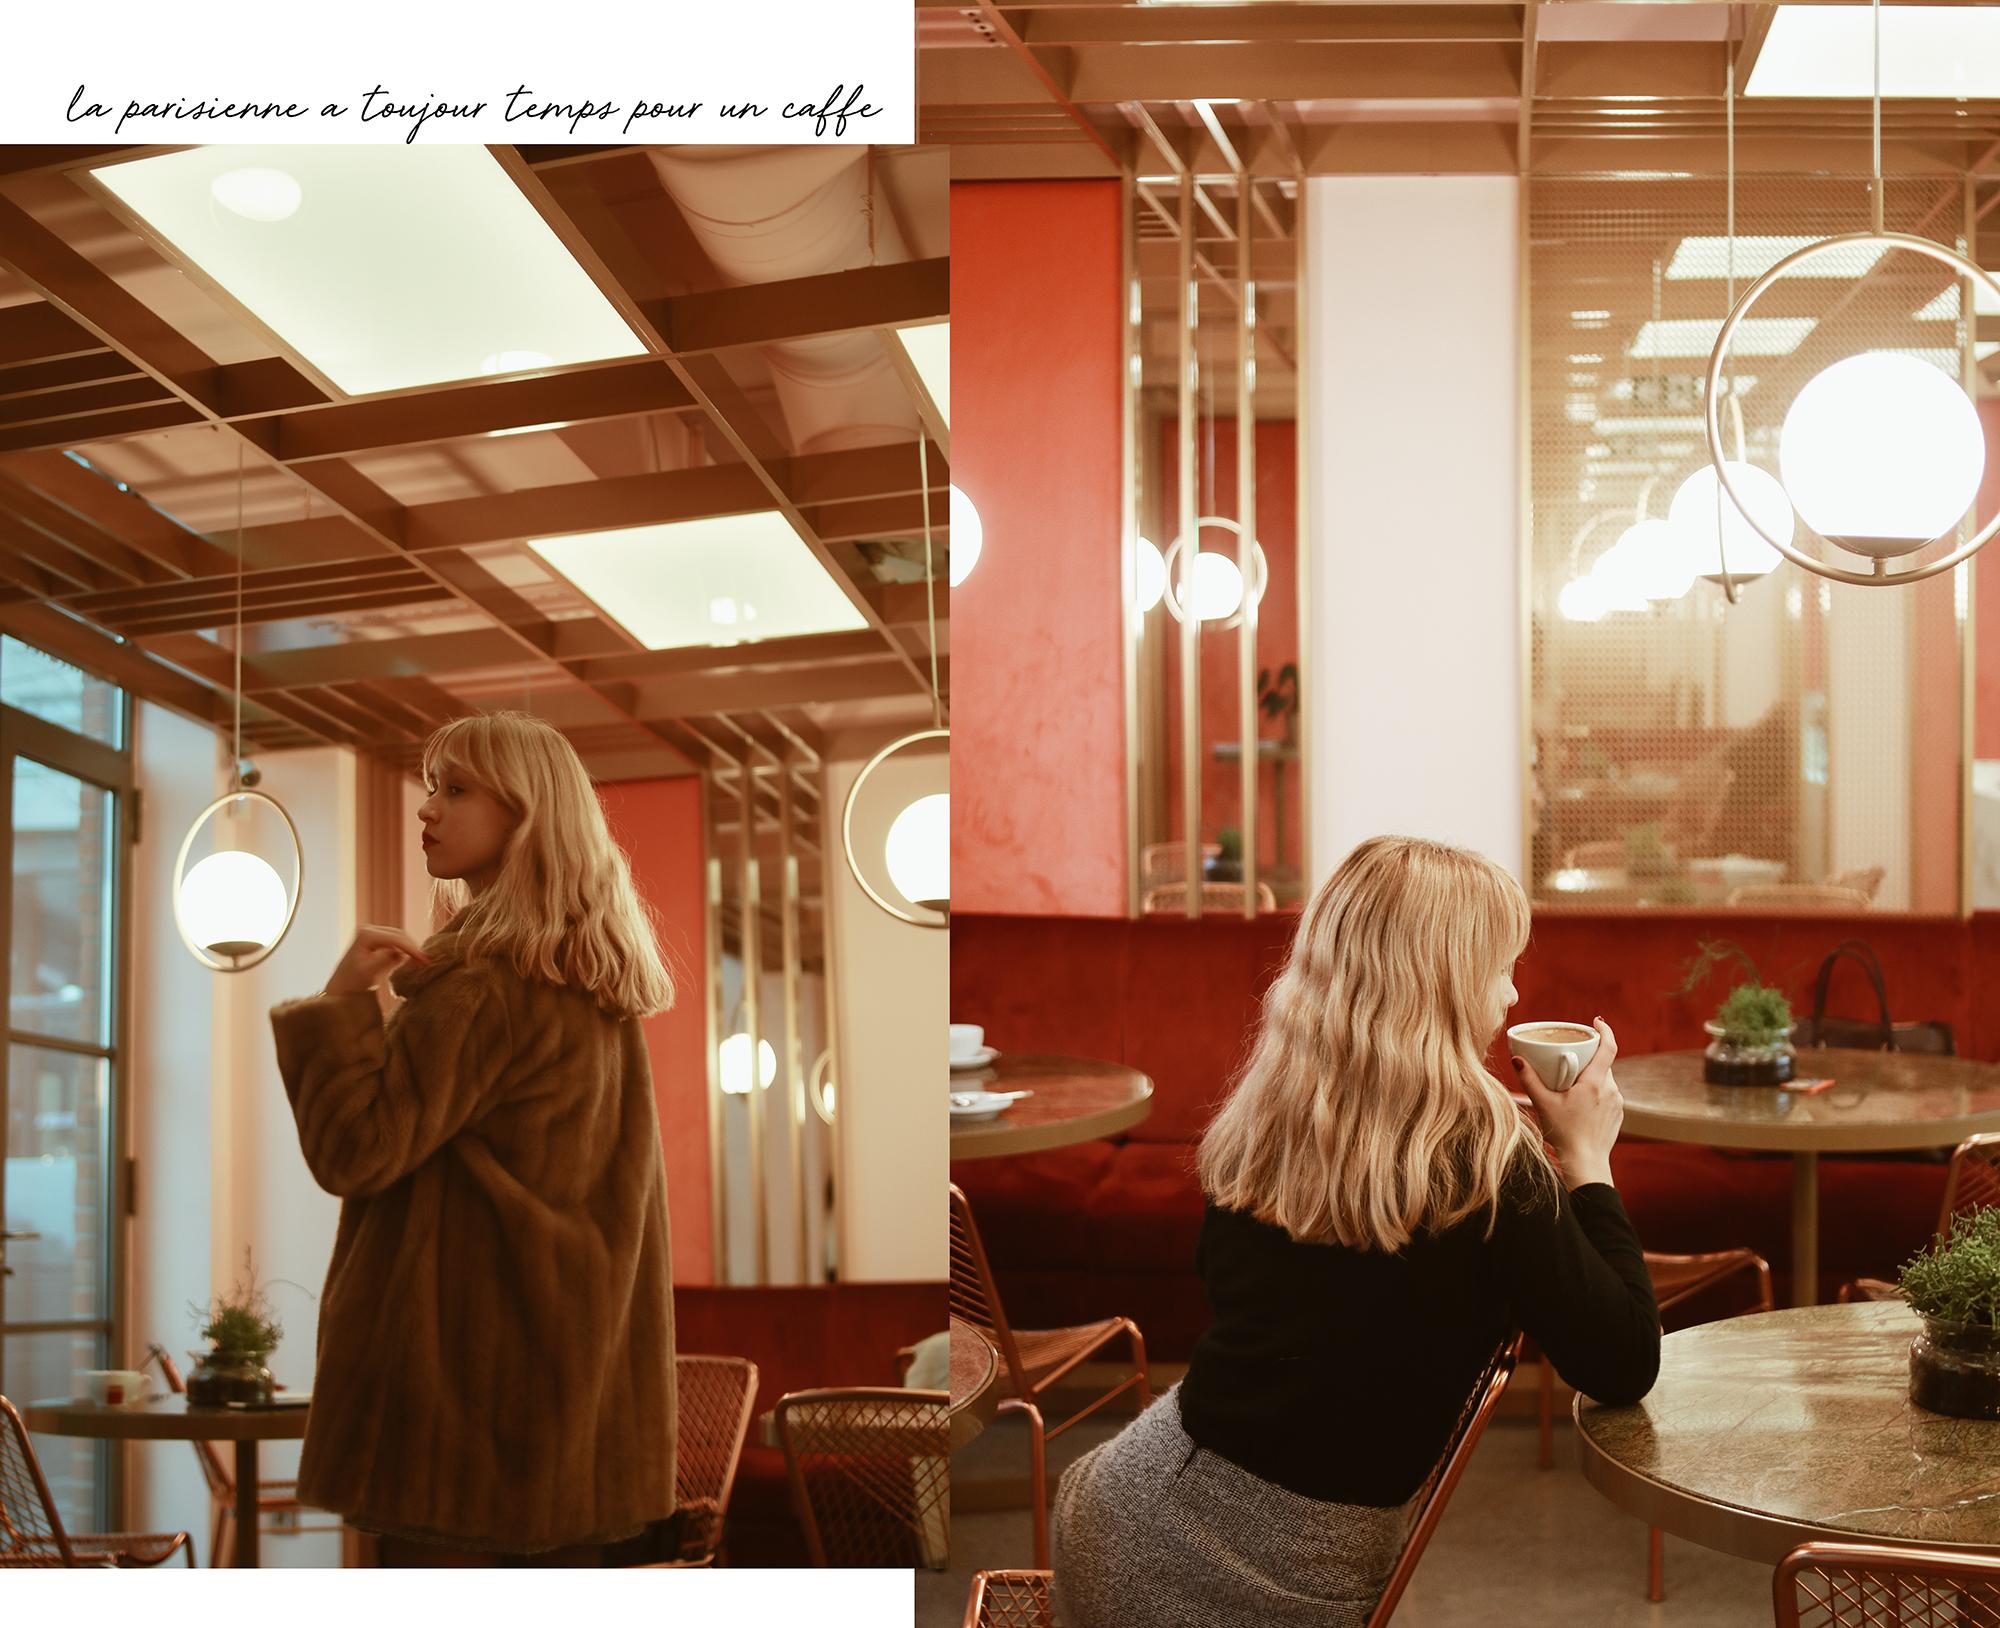 glanc poznań paryska kawiarnia